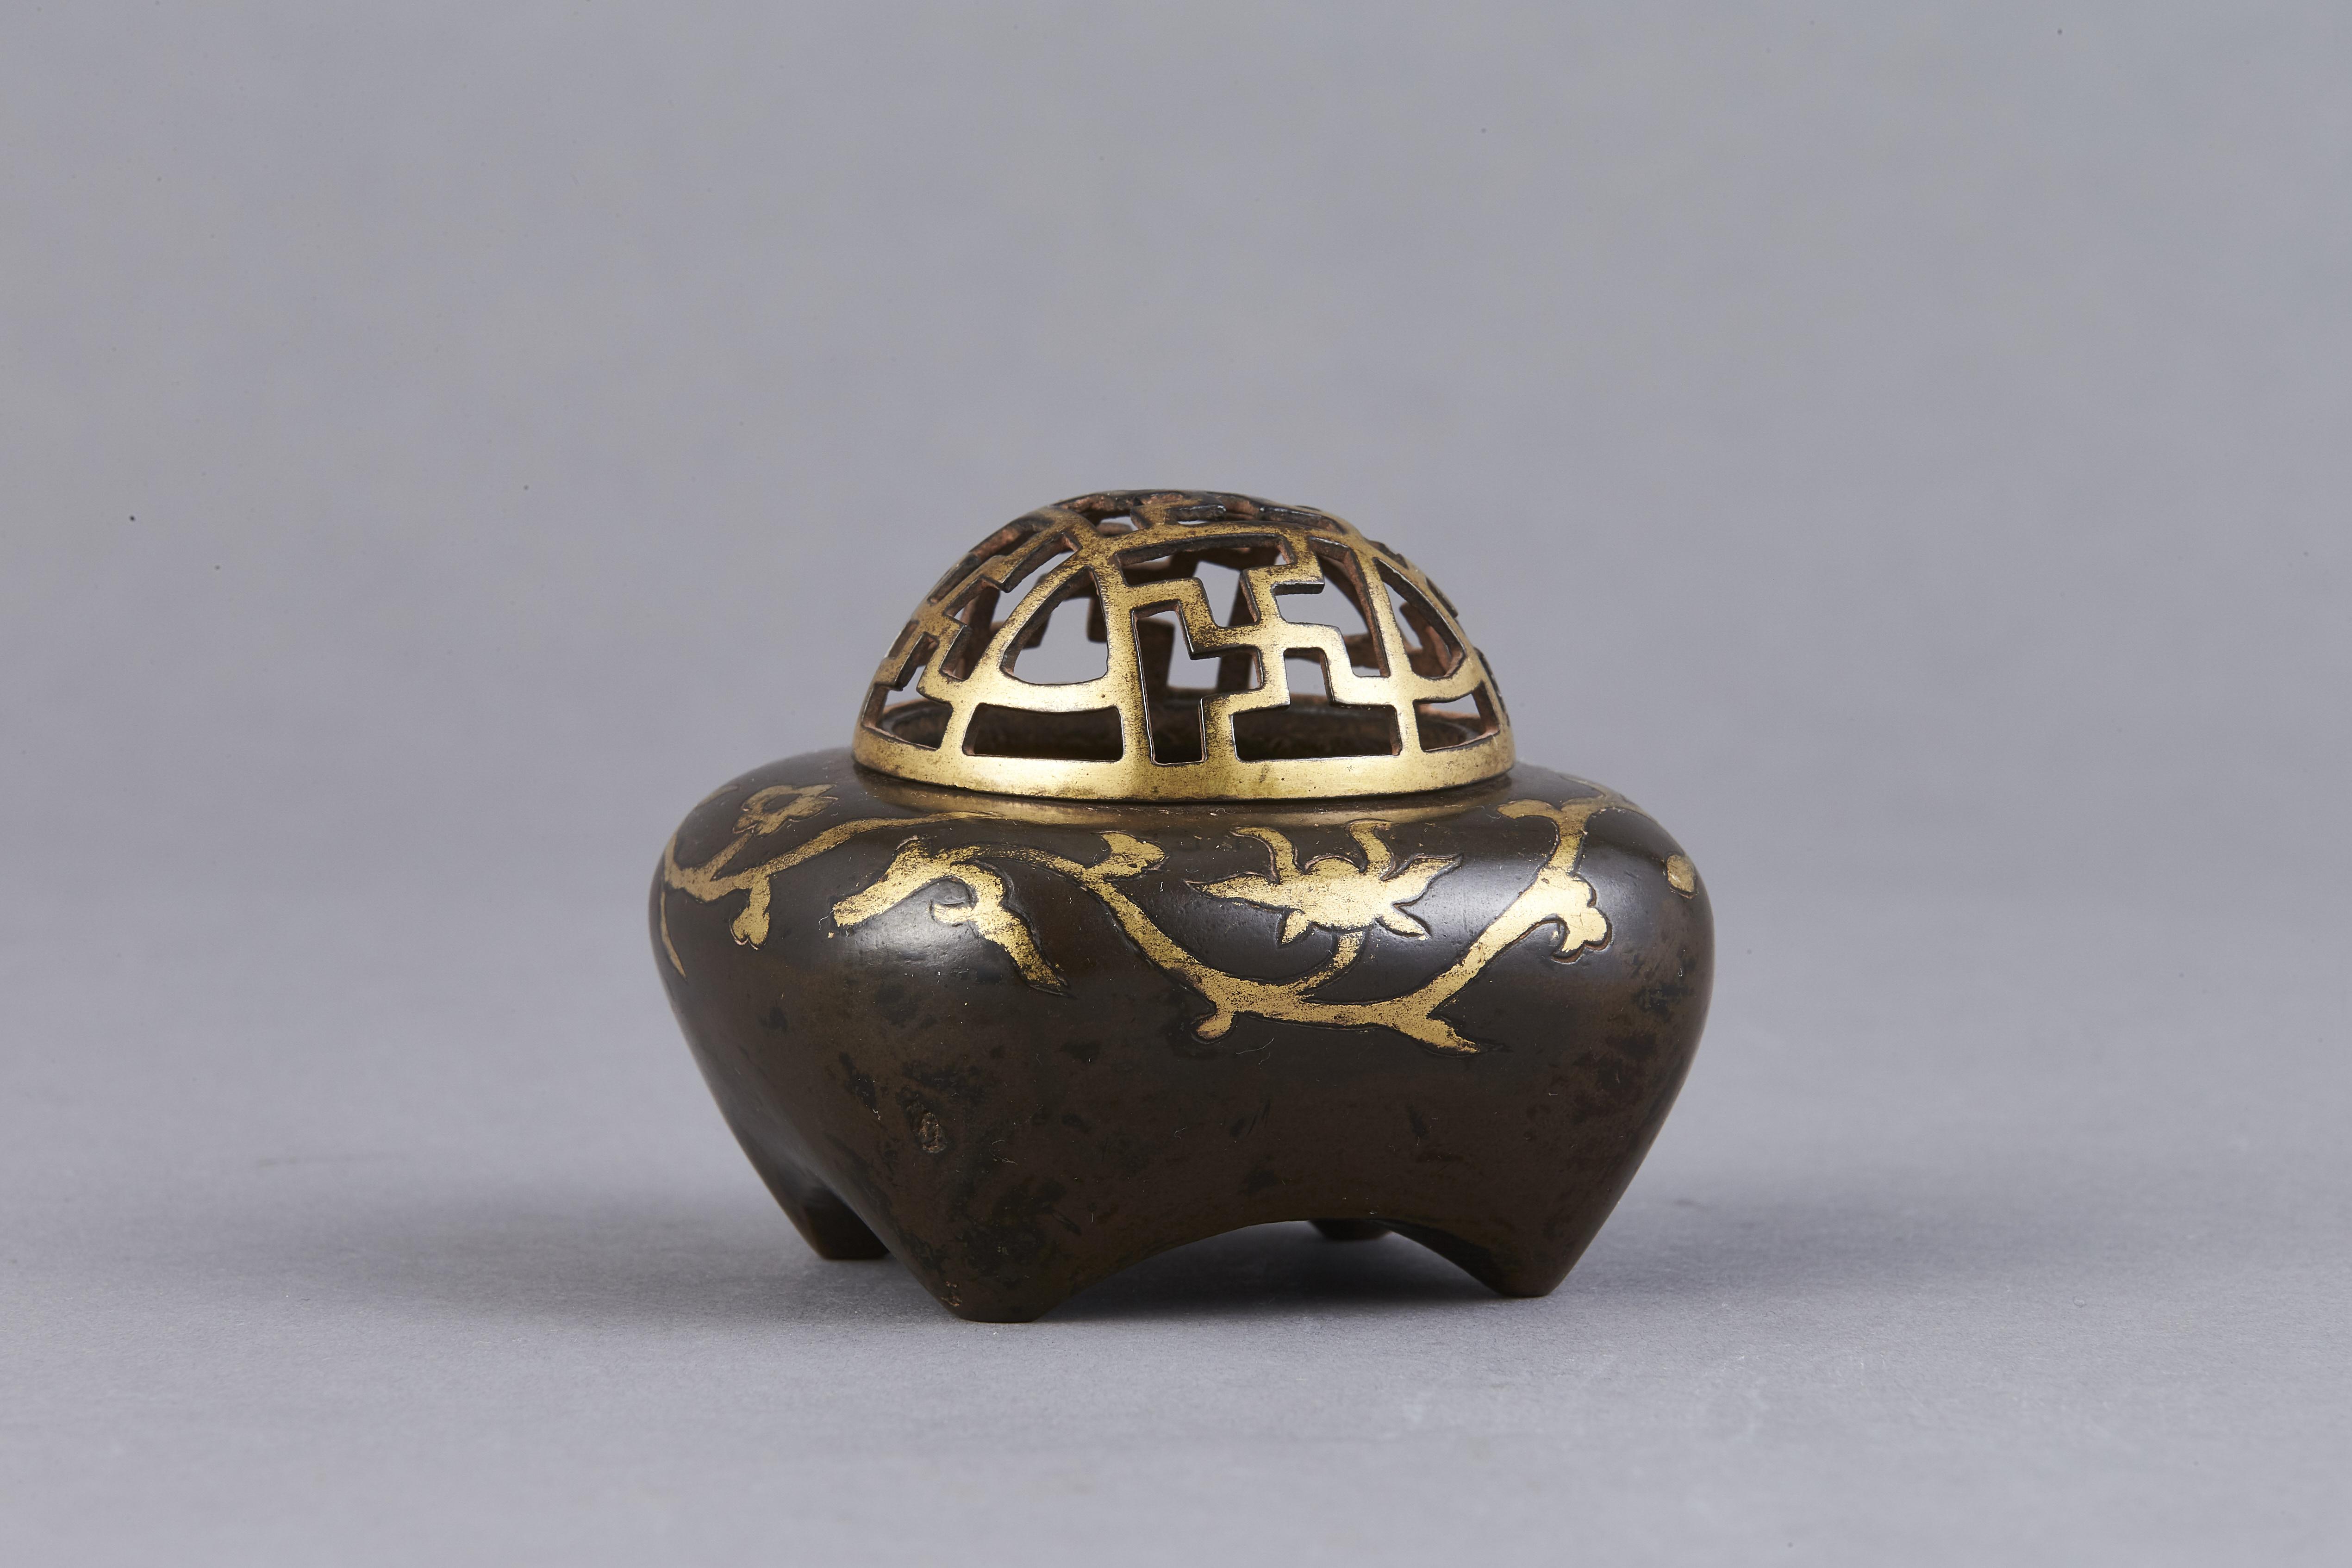 170998明 銅 局部鎏金 花紋 香爐